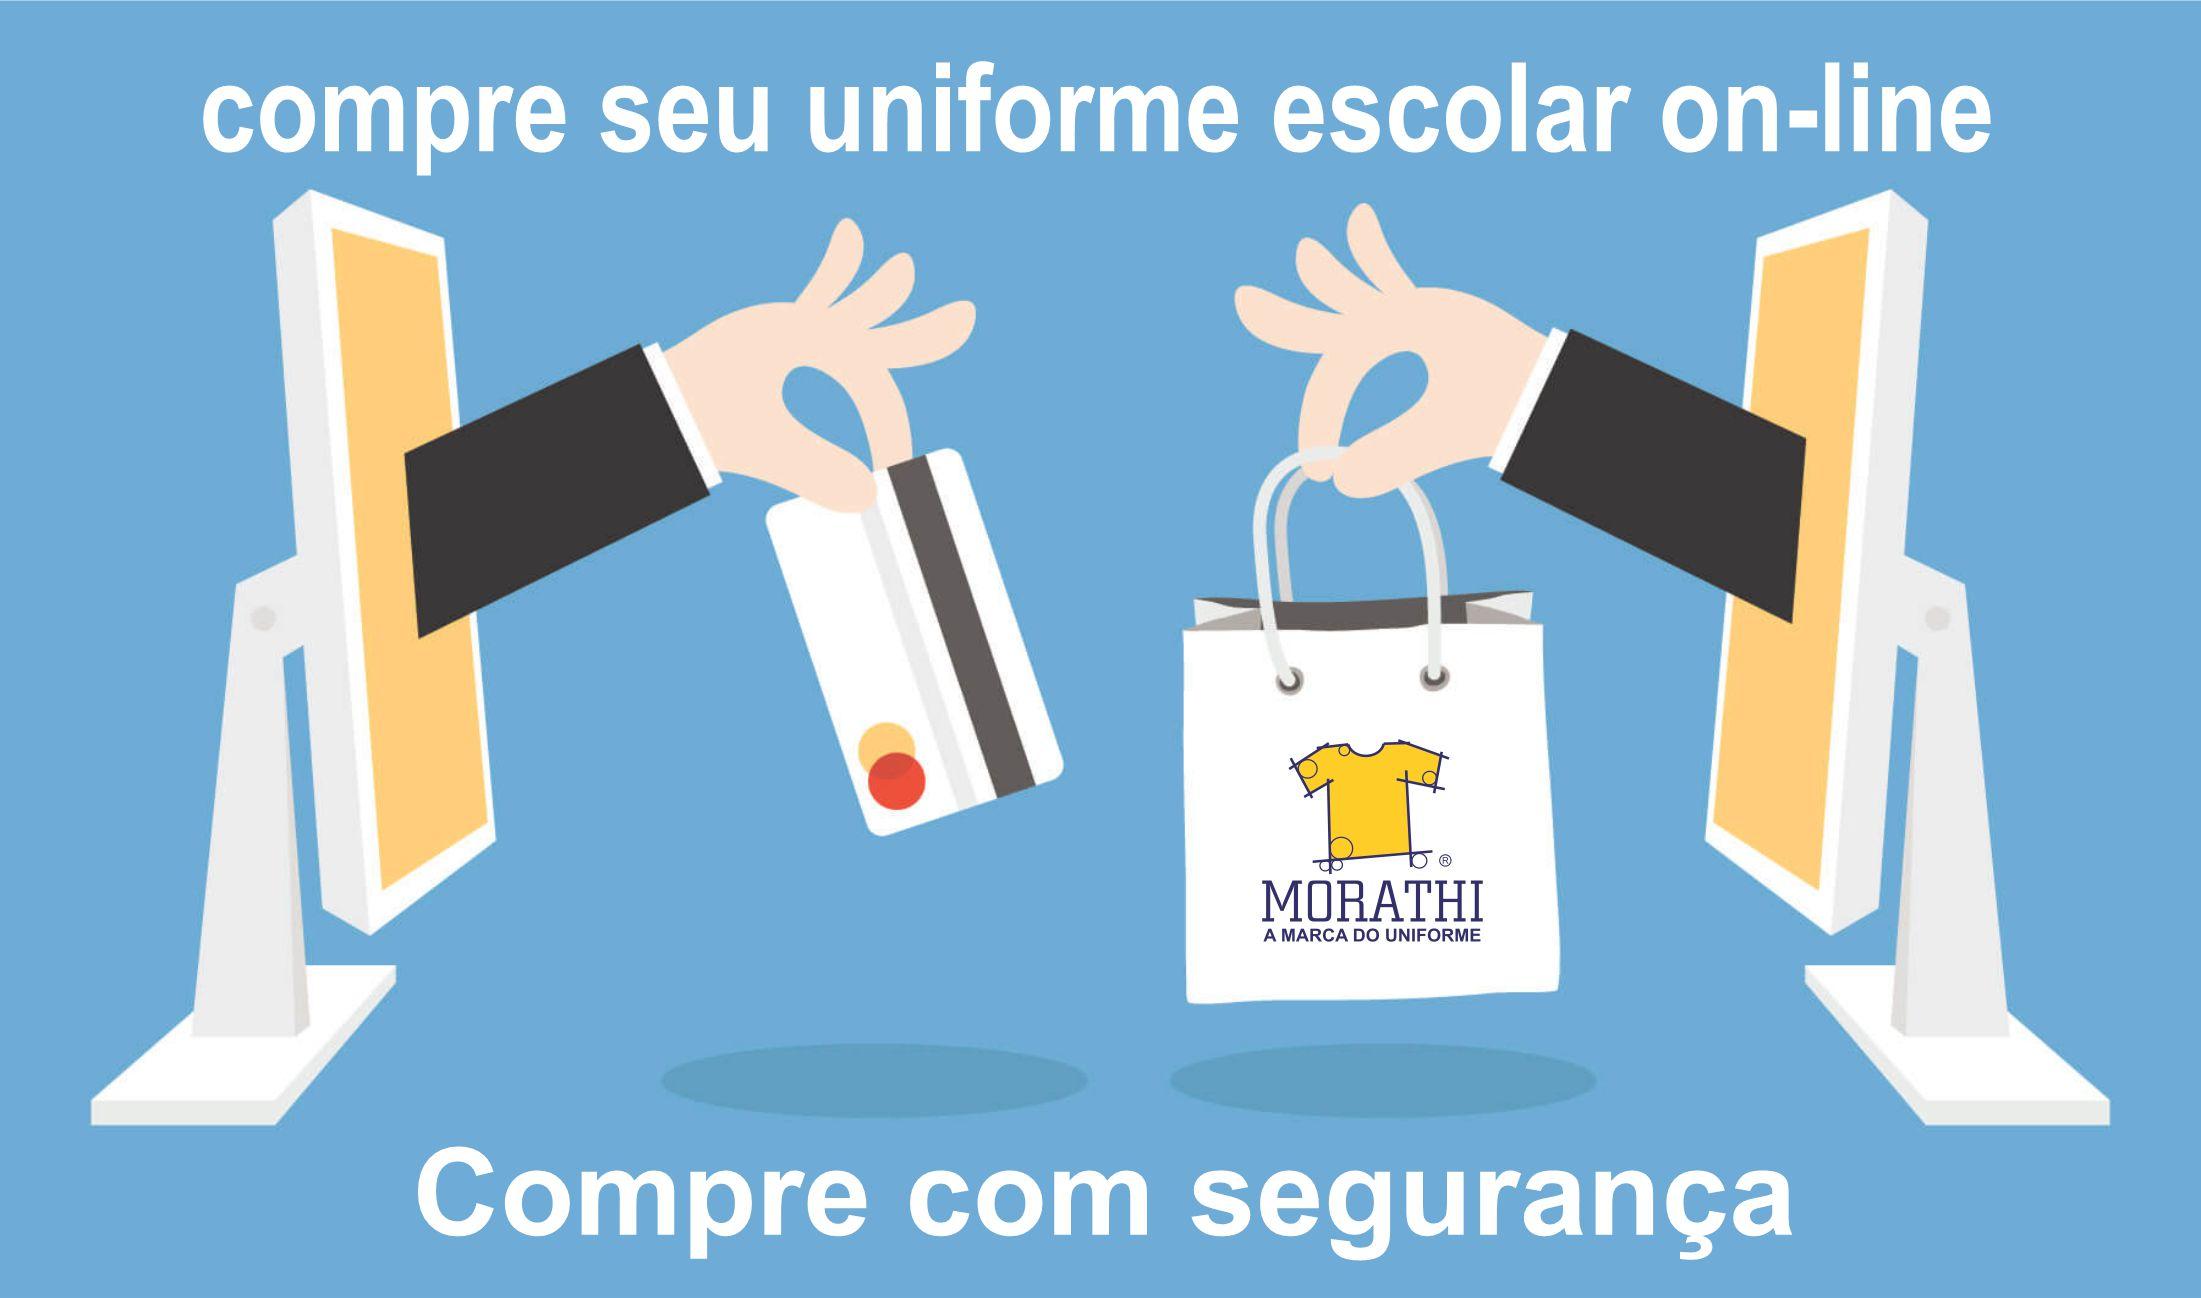 compre com segurança on-line